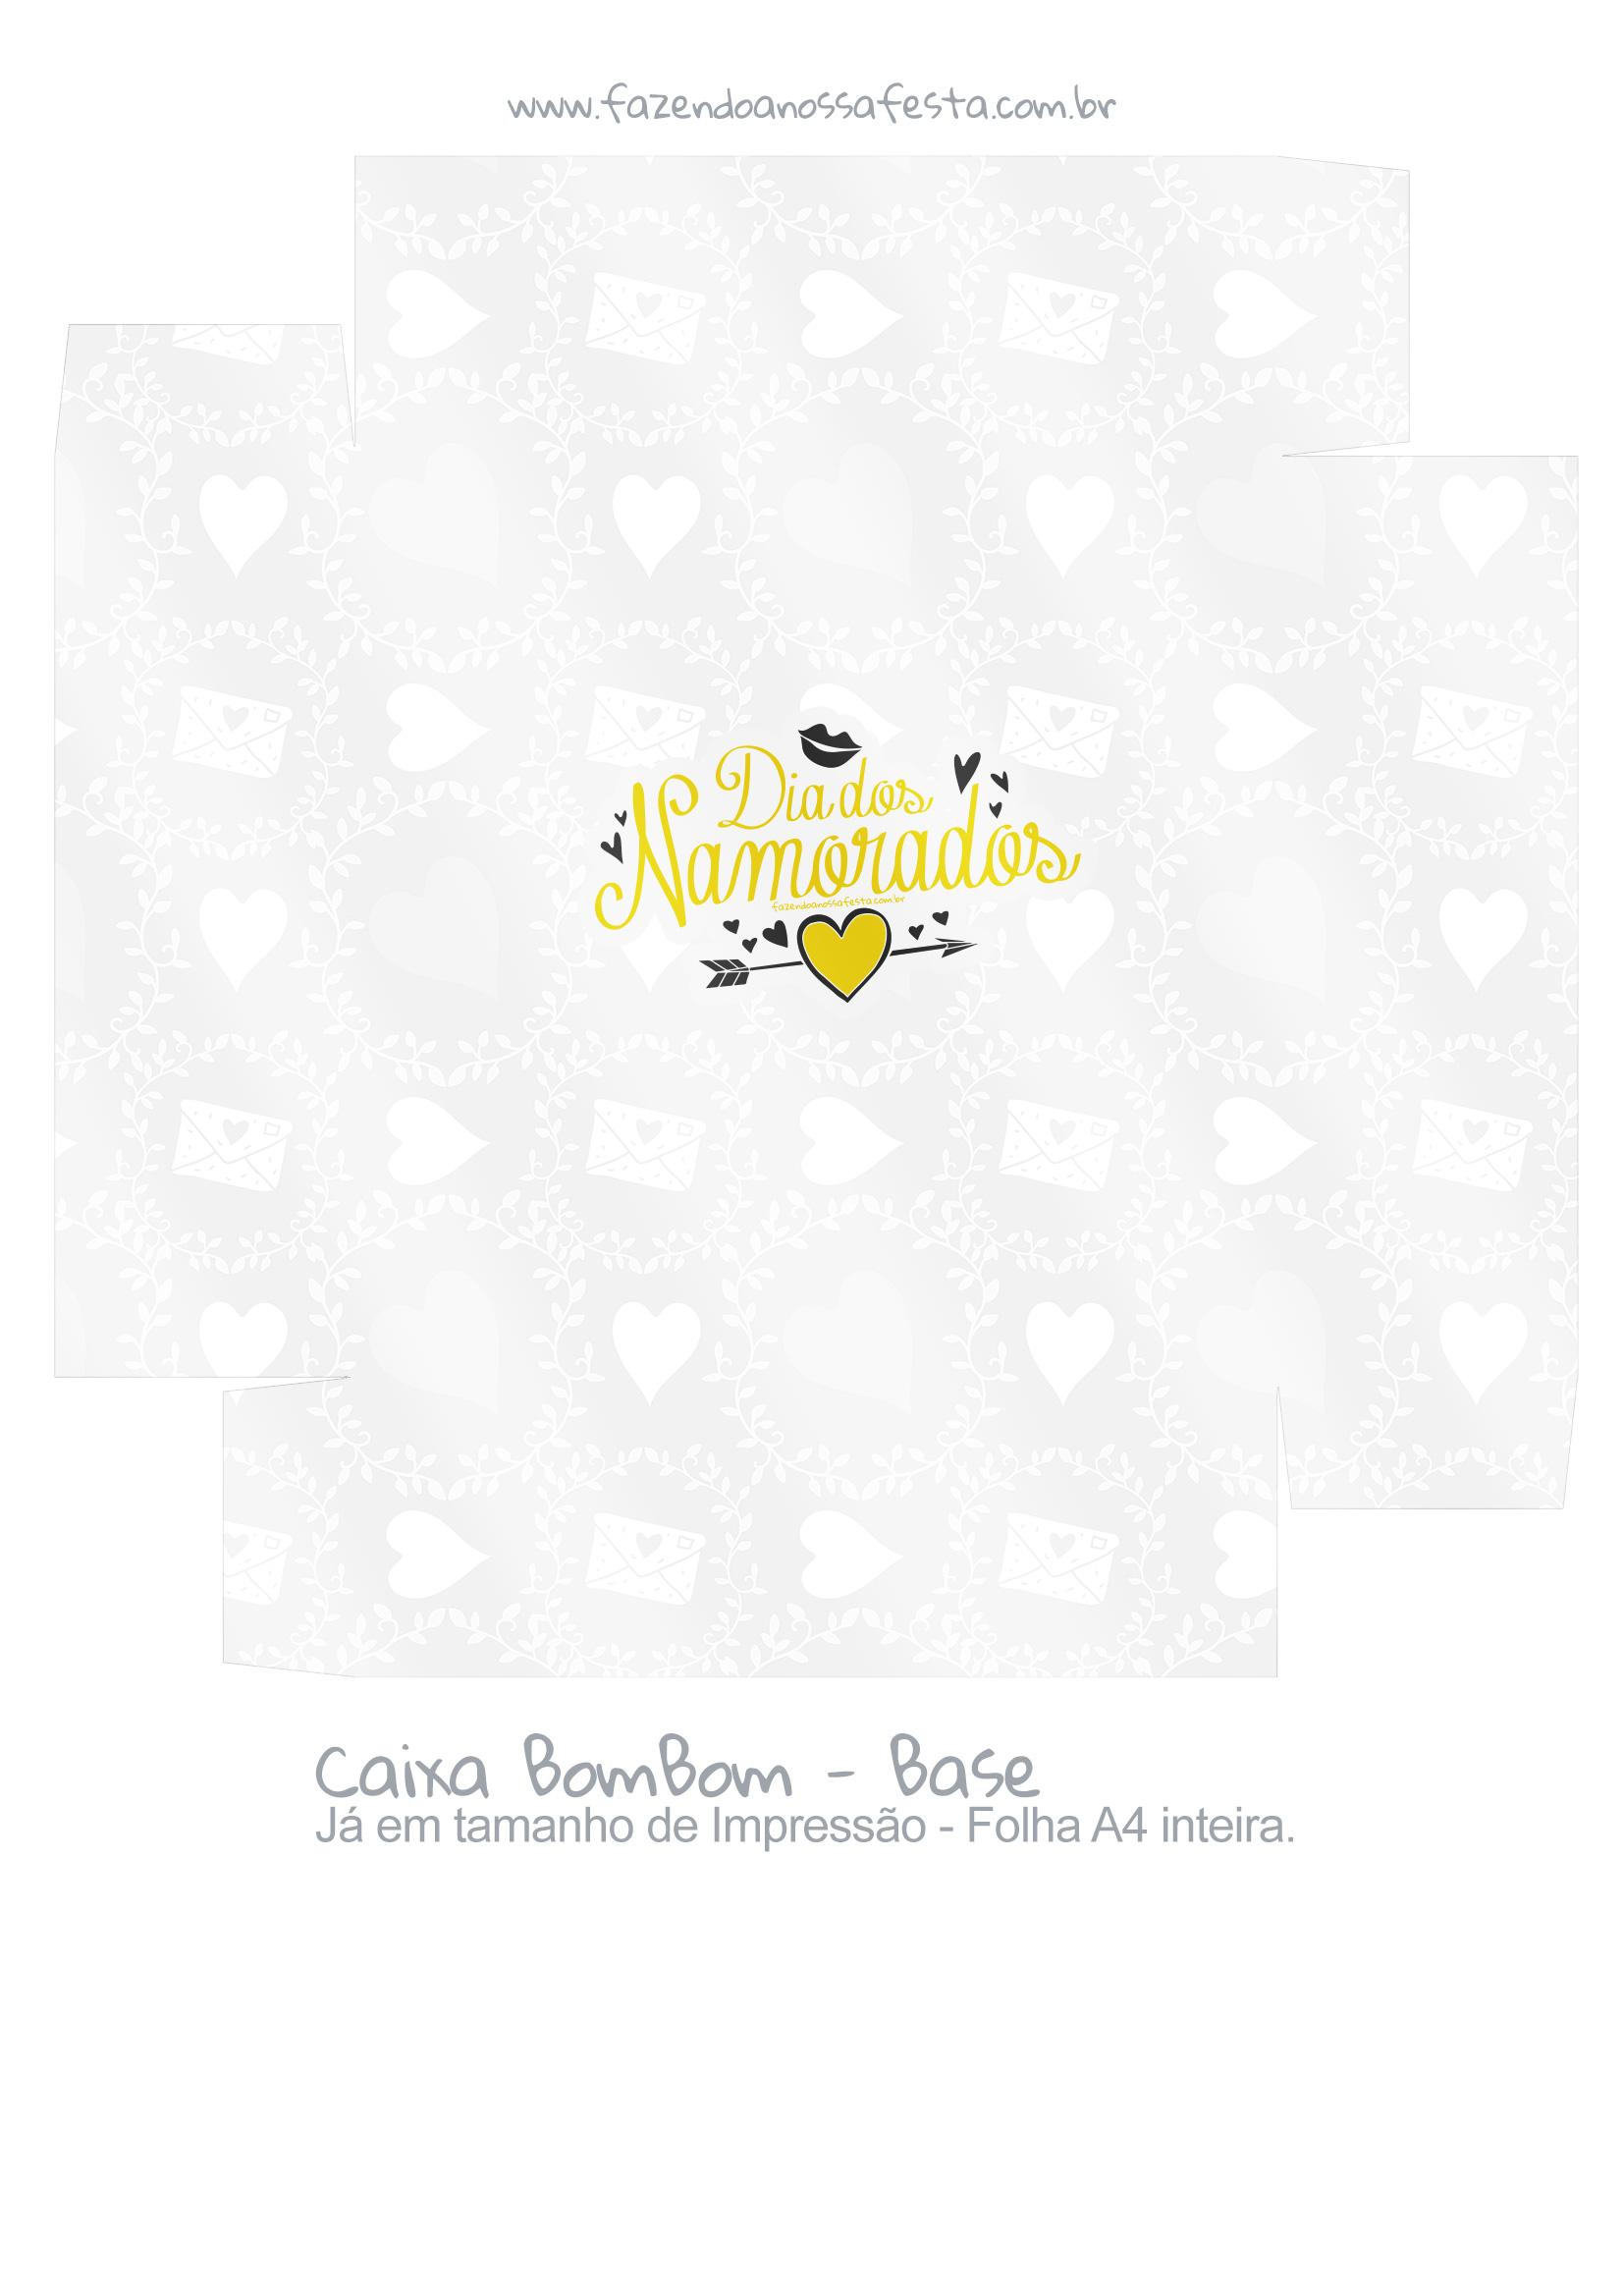 Caixa Bombom Dia dos Namorados 3 - parte 2